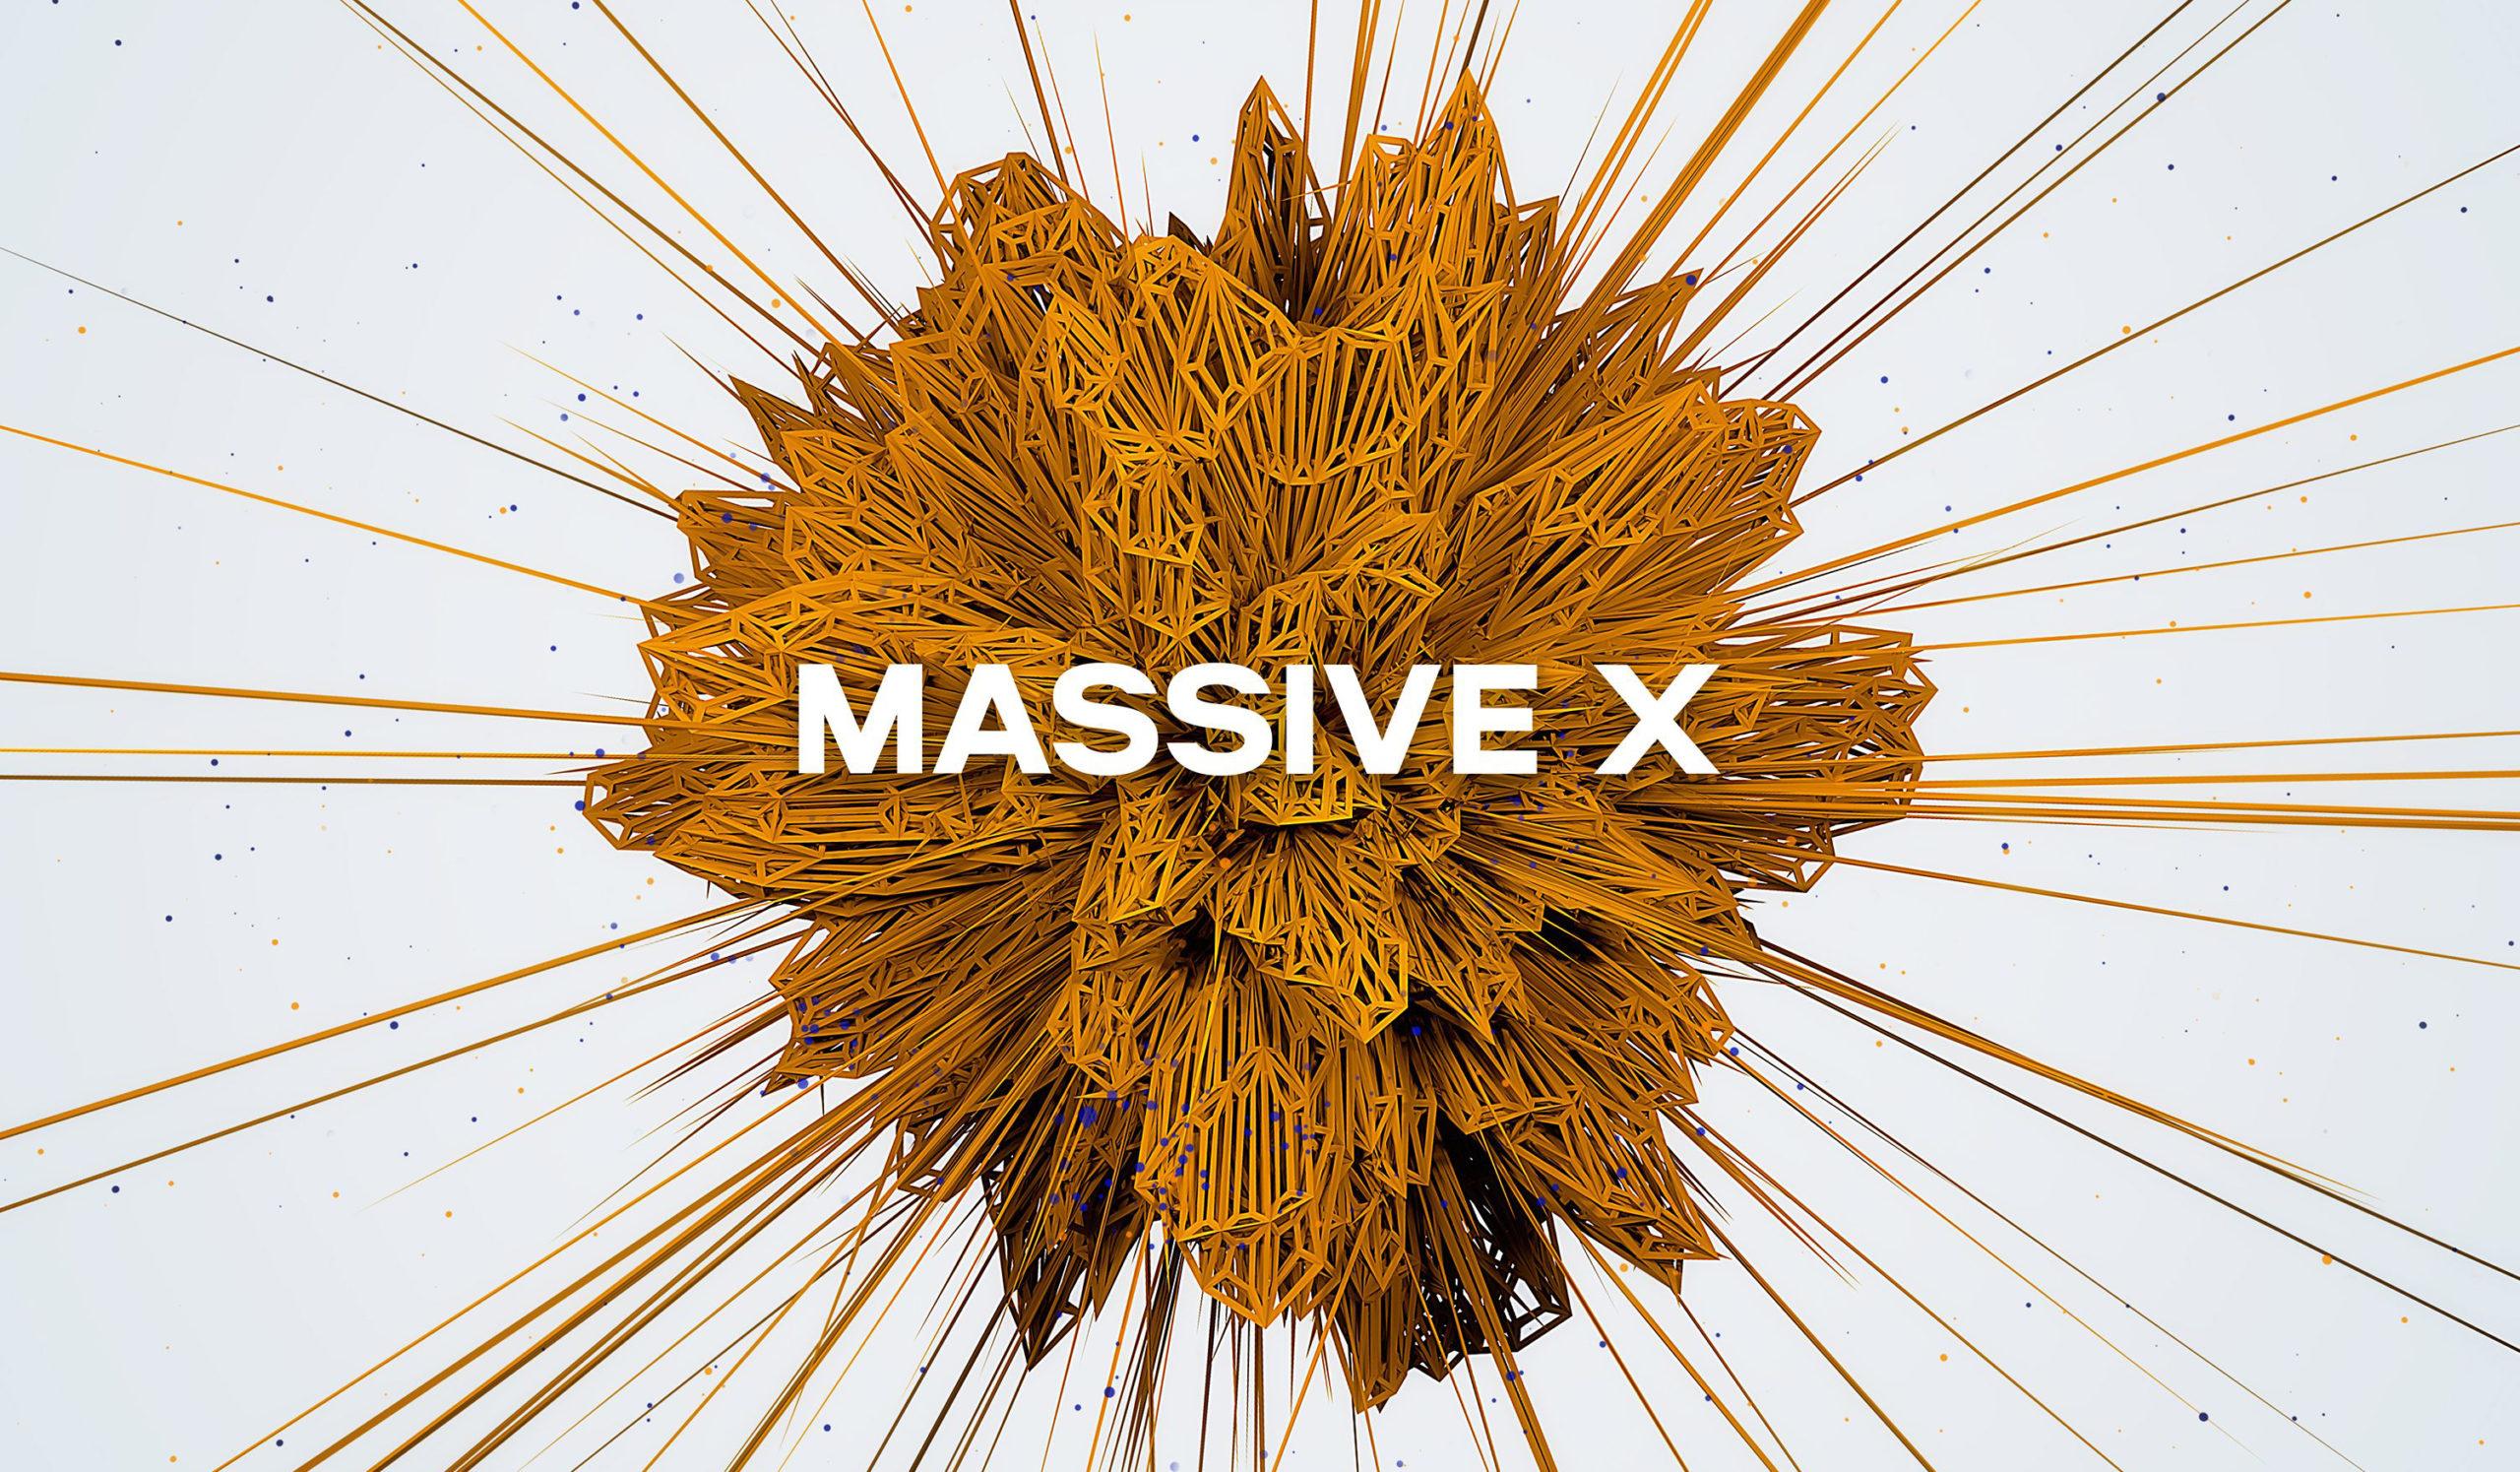 Massive X